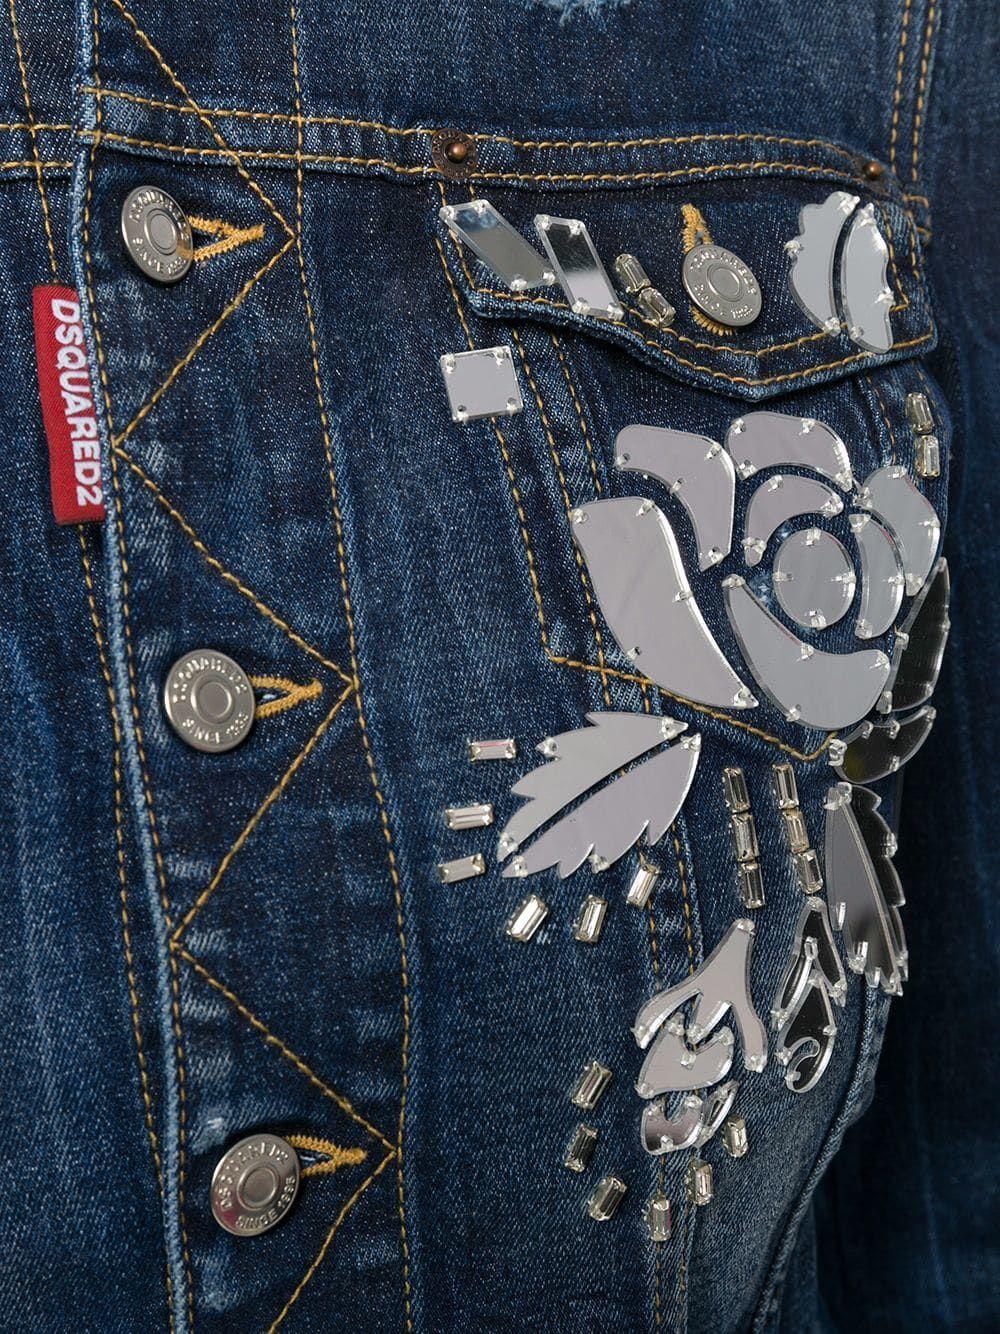 9987ead3be2 Dsquared2 embellished denim jacket